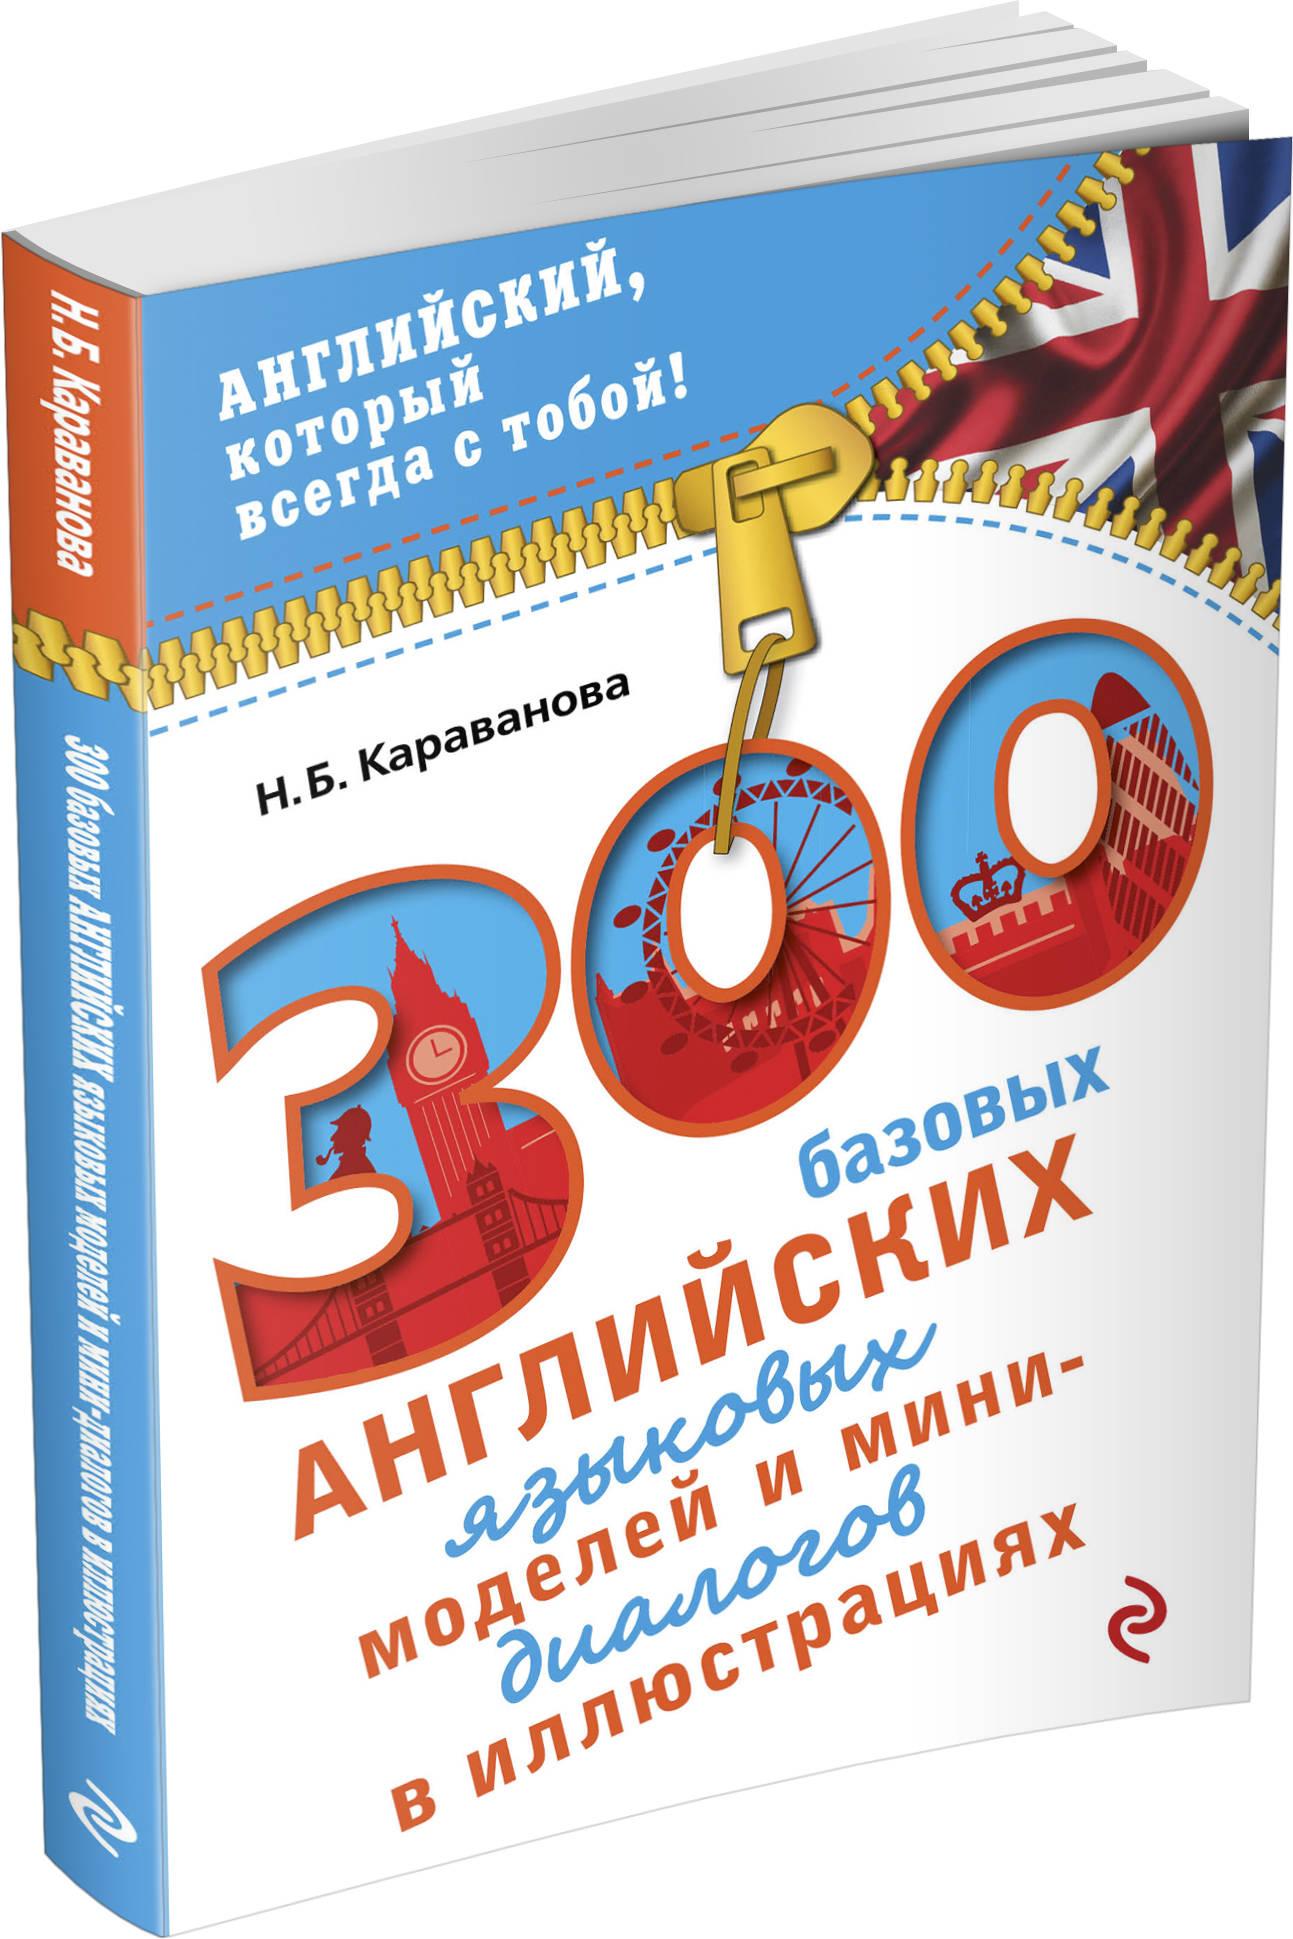 300 базовых английских языковых моделей и мини-диалогов в иллюстрациях